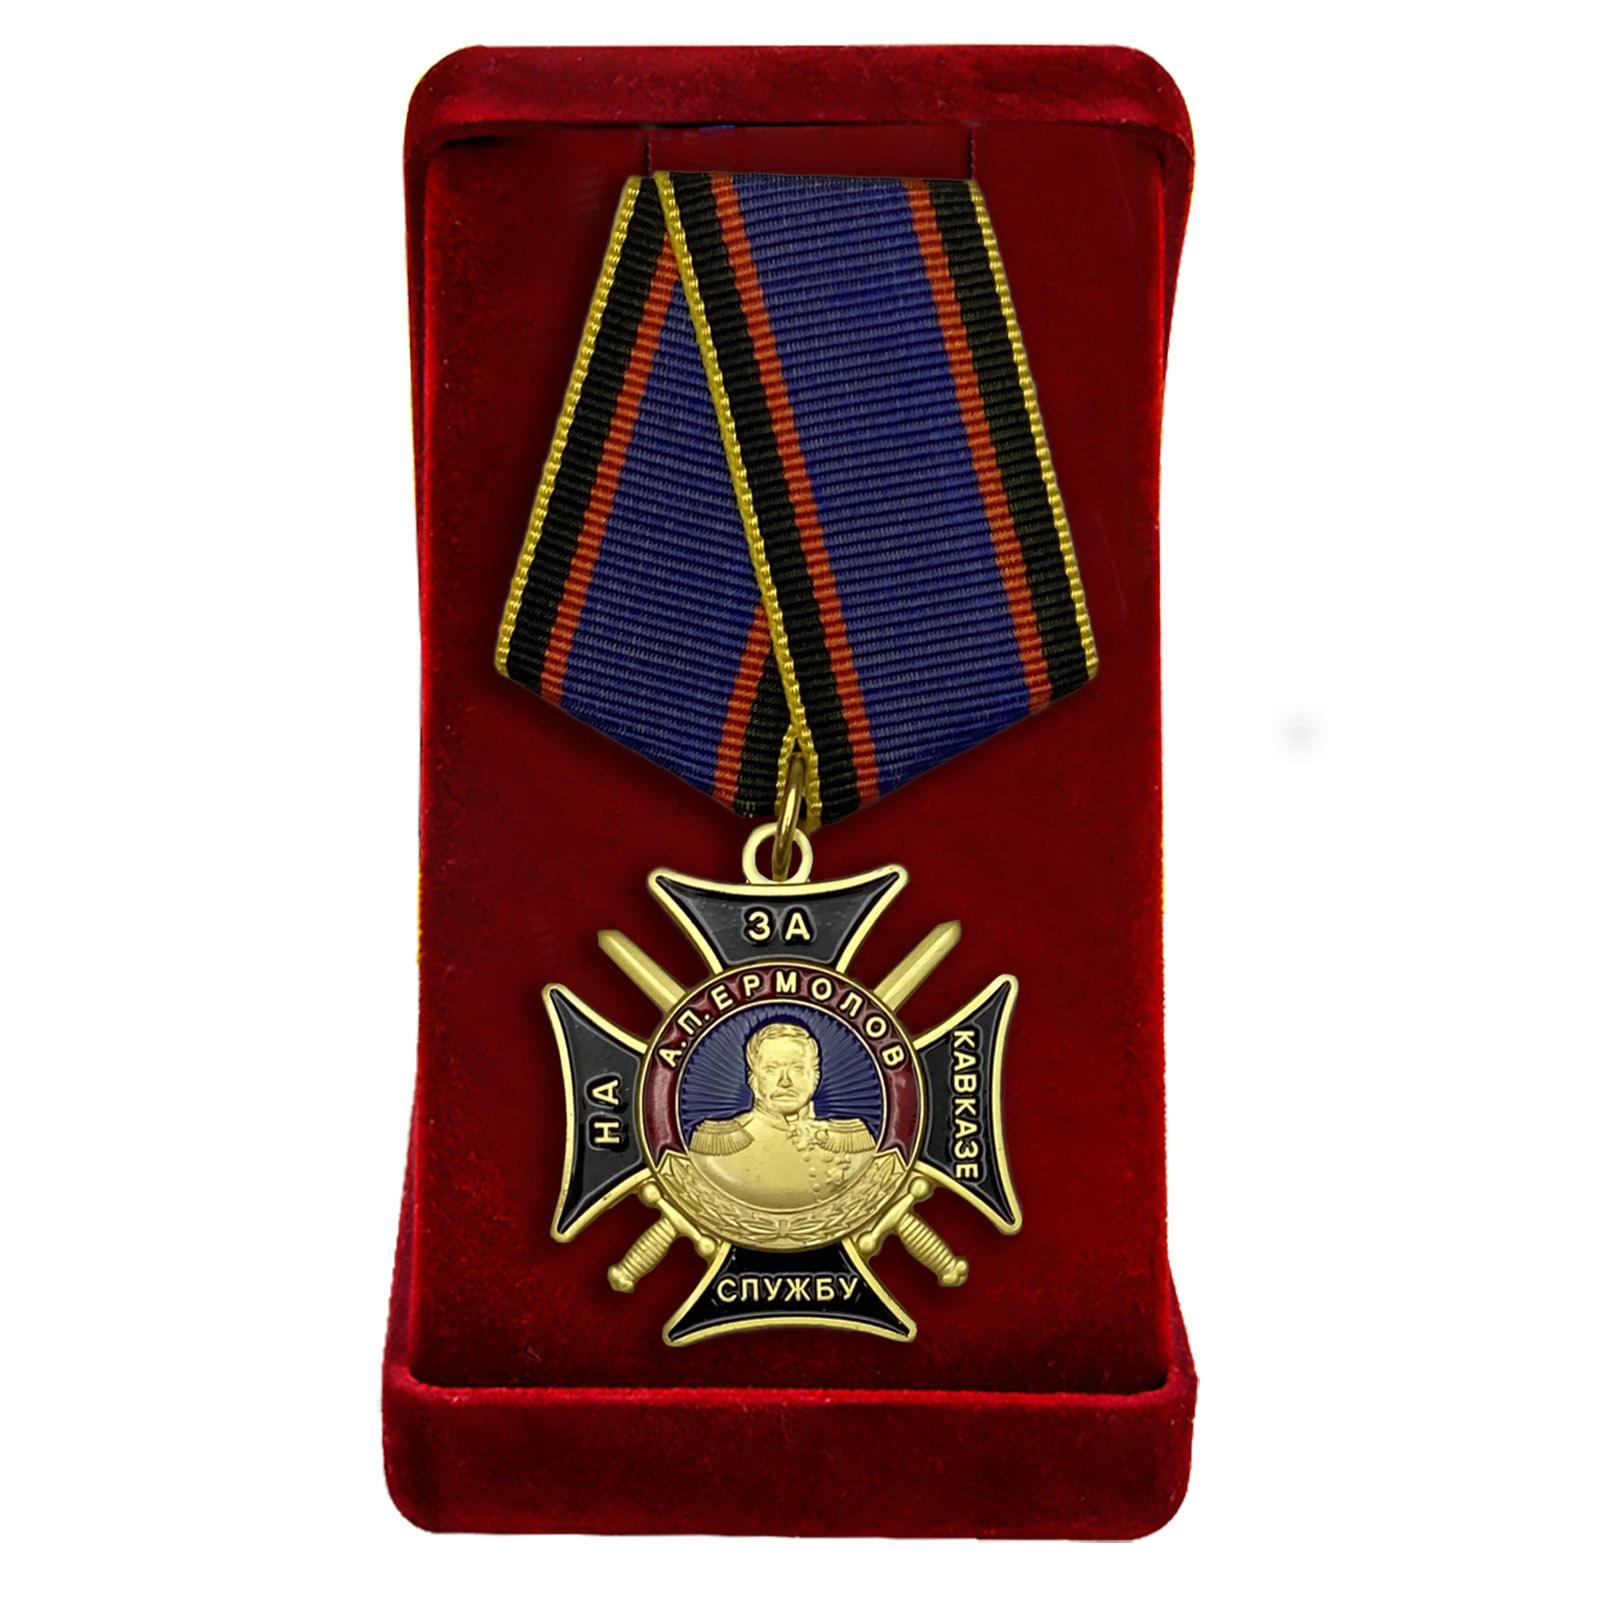 """Медаль """"За службу на Кавказе"""" А.П. Ермолова"""